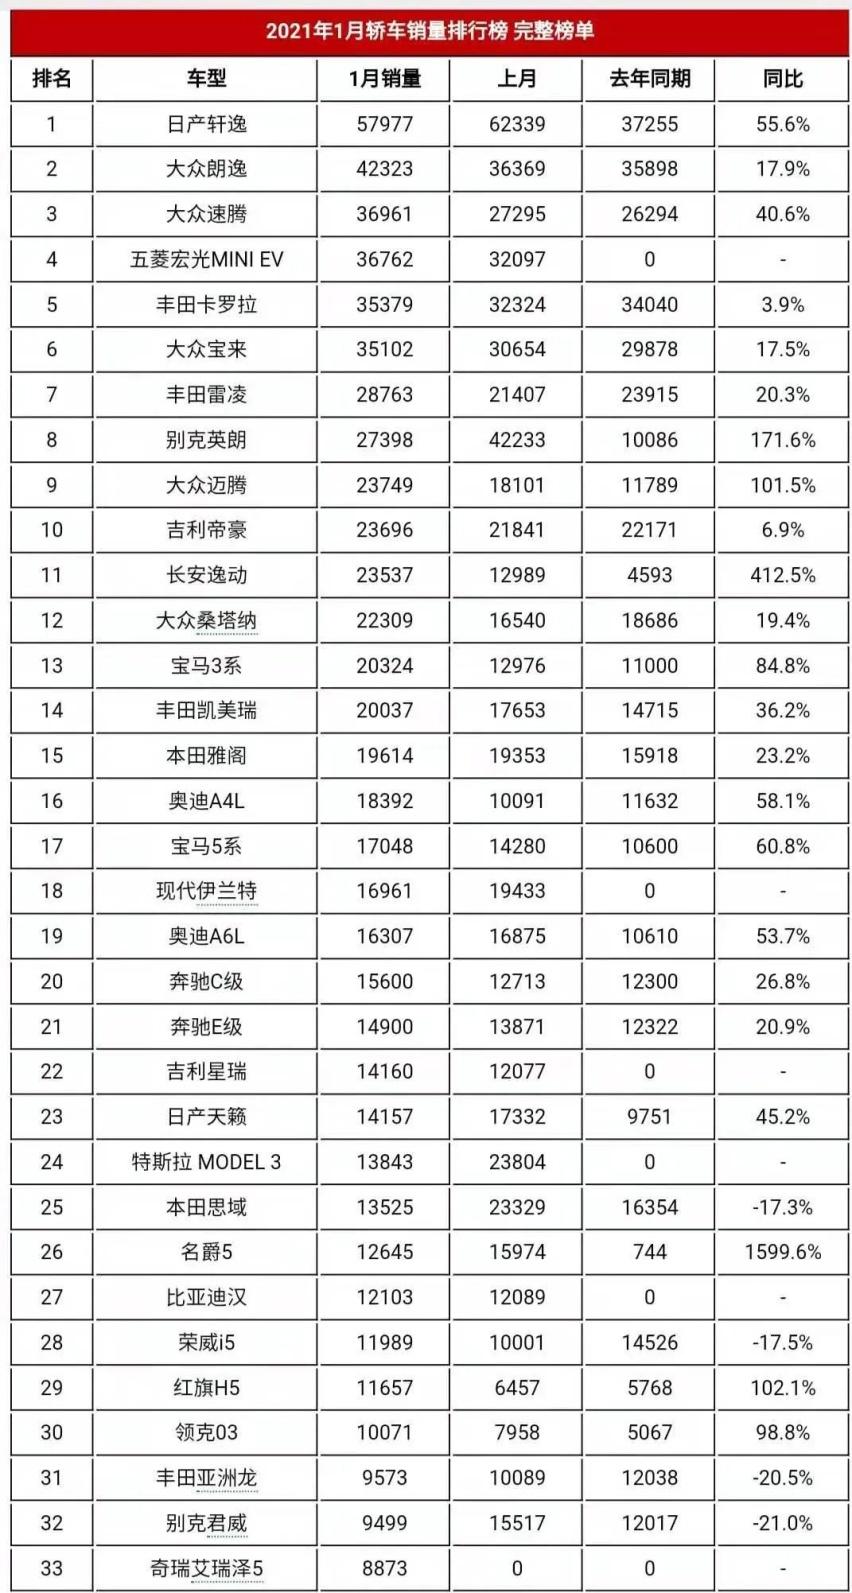 1月轿车销量排行榜完整版(187款)你喜欢的轿车排第几名呢?